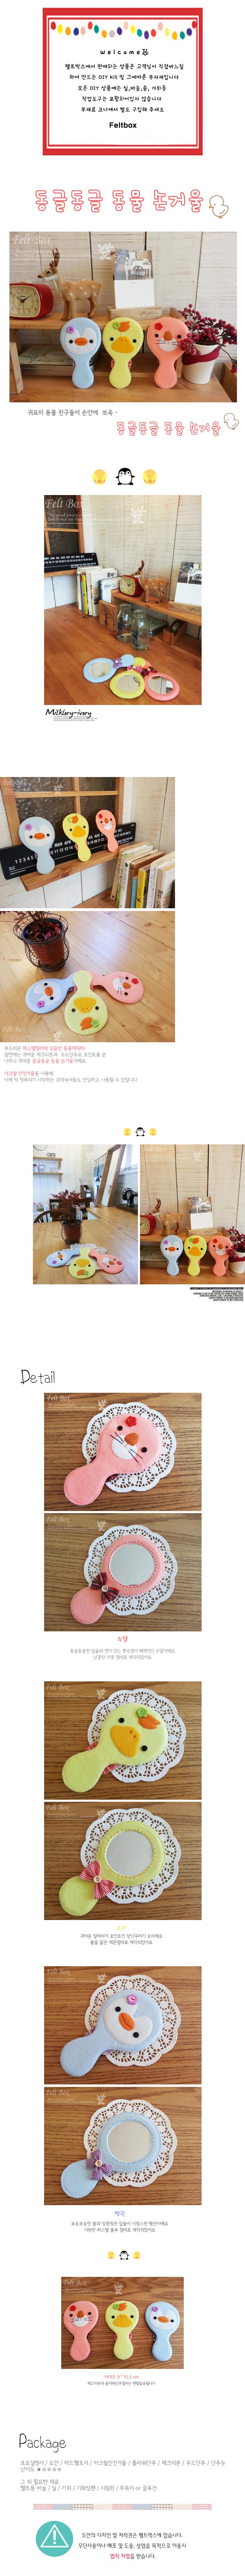 반제품 DIY kit 동글동글 동물손거울 - 펠트박스, 3,600원, 펠트공예, 시즌/파티용품 패키지